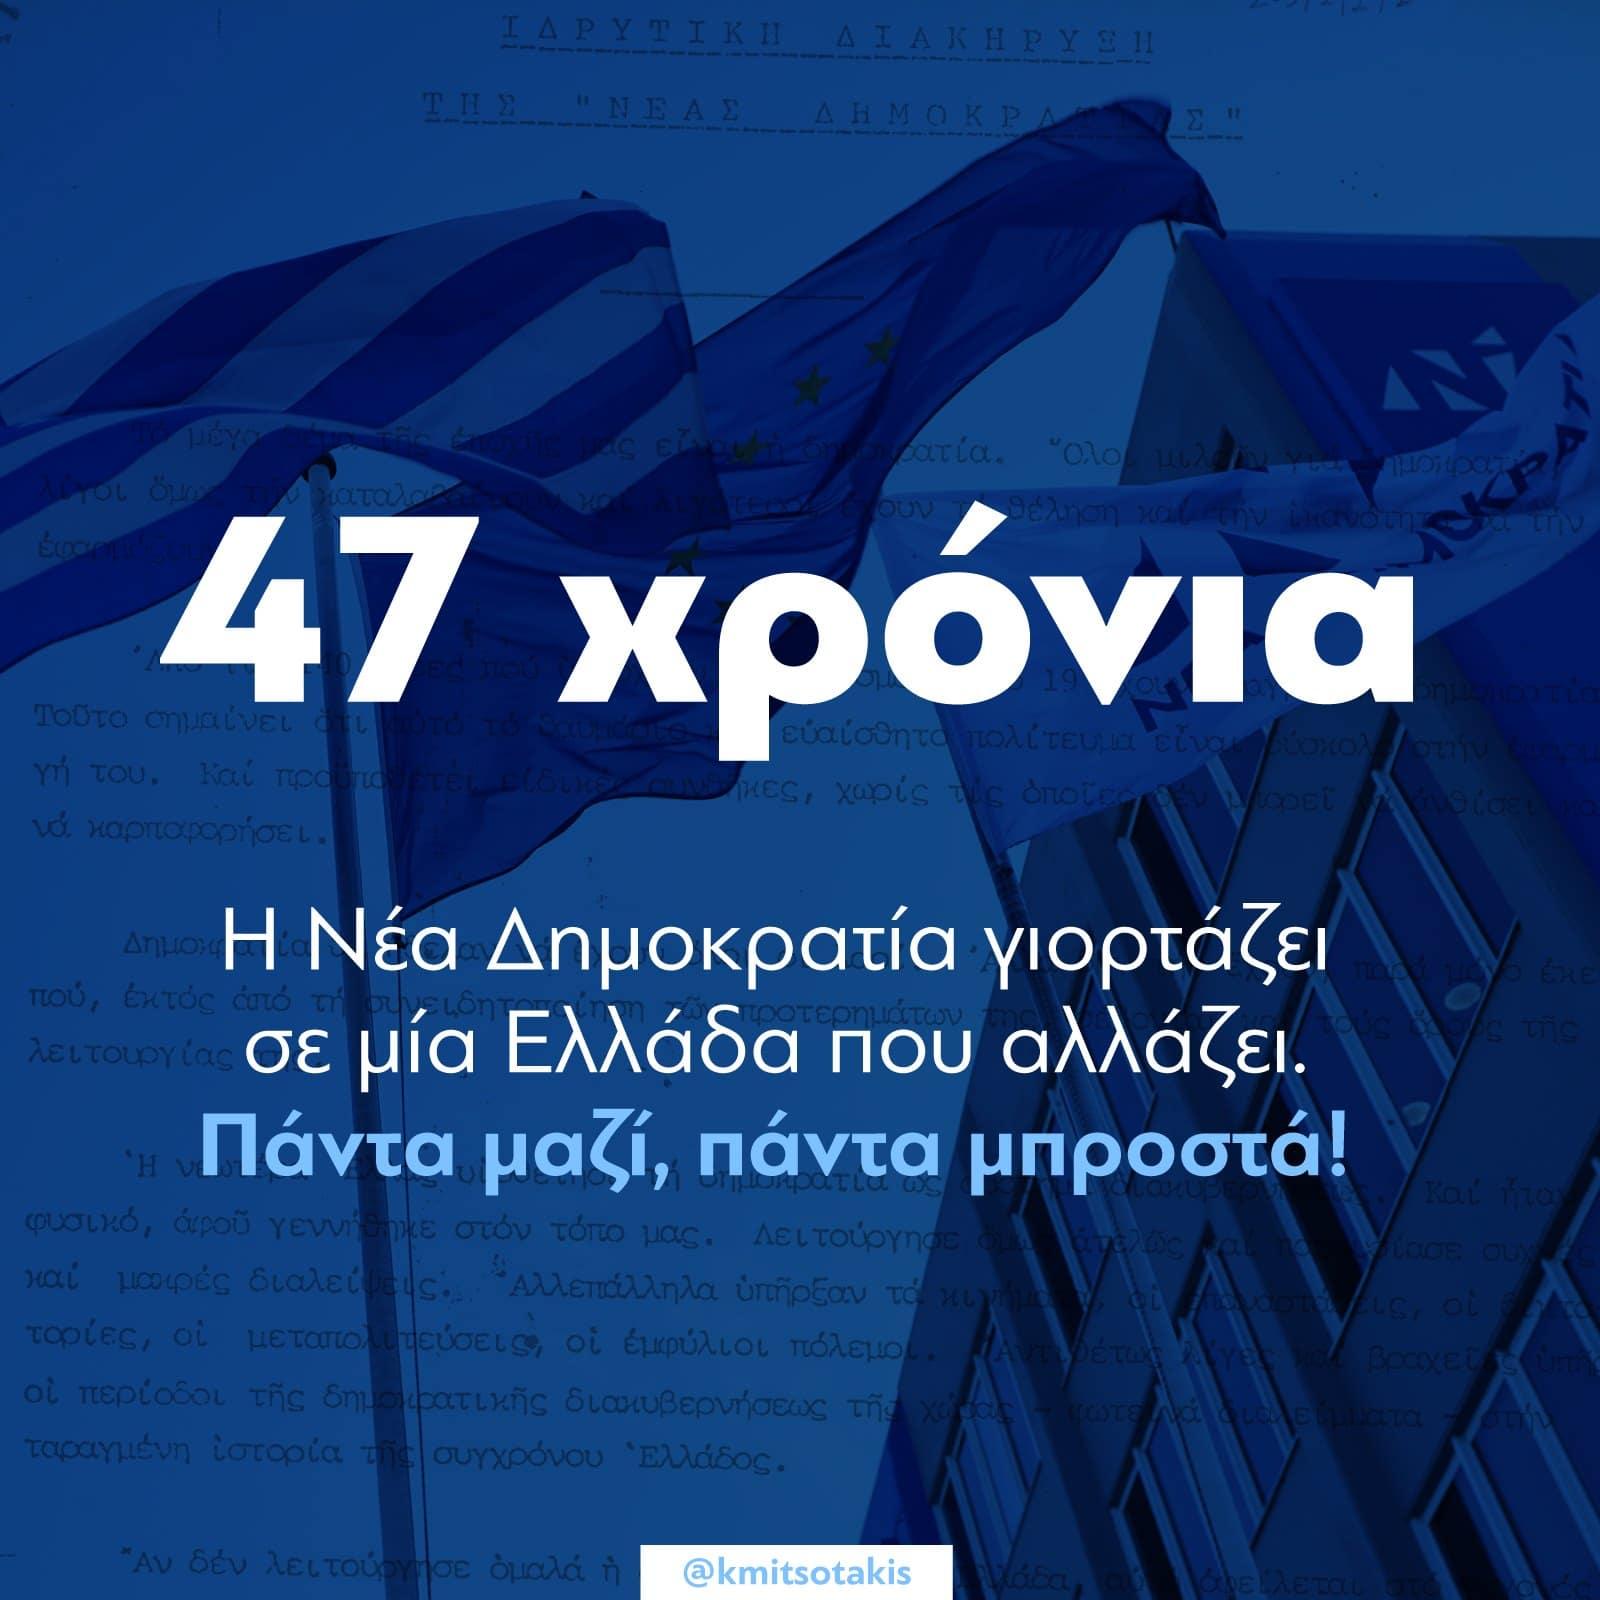 Δήλωση Χαρ. Αθανασίου για τη συμπλήρωση 47 χρόνων από την ίδρυση της Νέας Δημοκρατίας